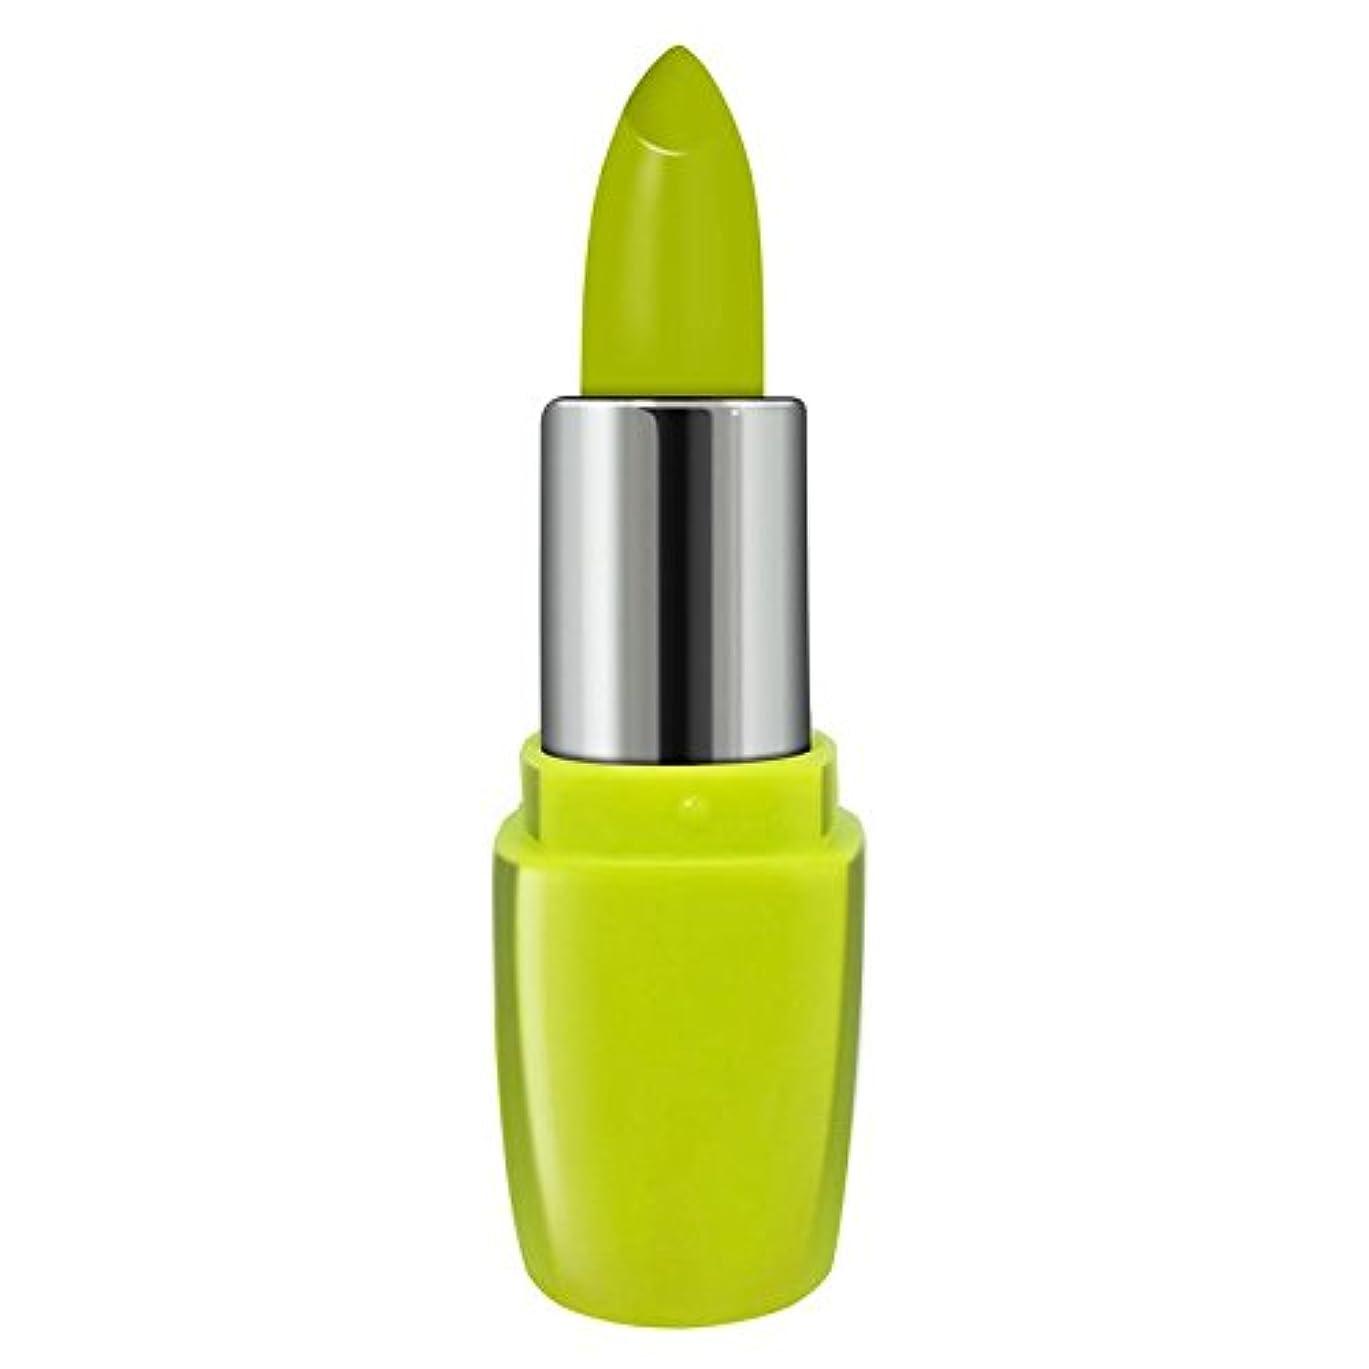 よろしく姓位置づける(3 Pack) KLEANCOLOR Femme Lipstick - Magic Lime (並行輸入品)